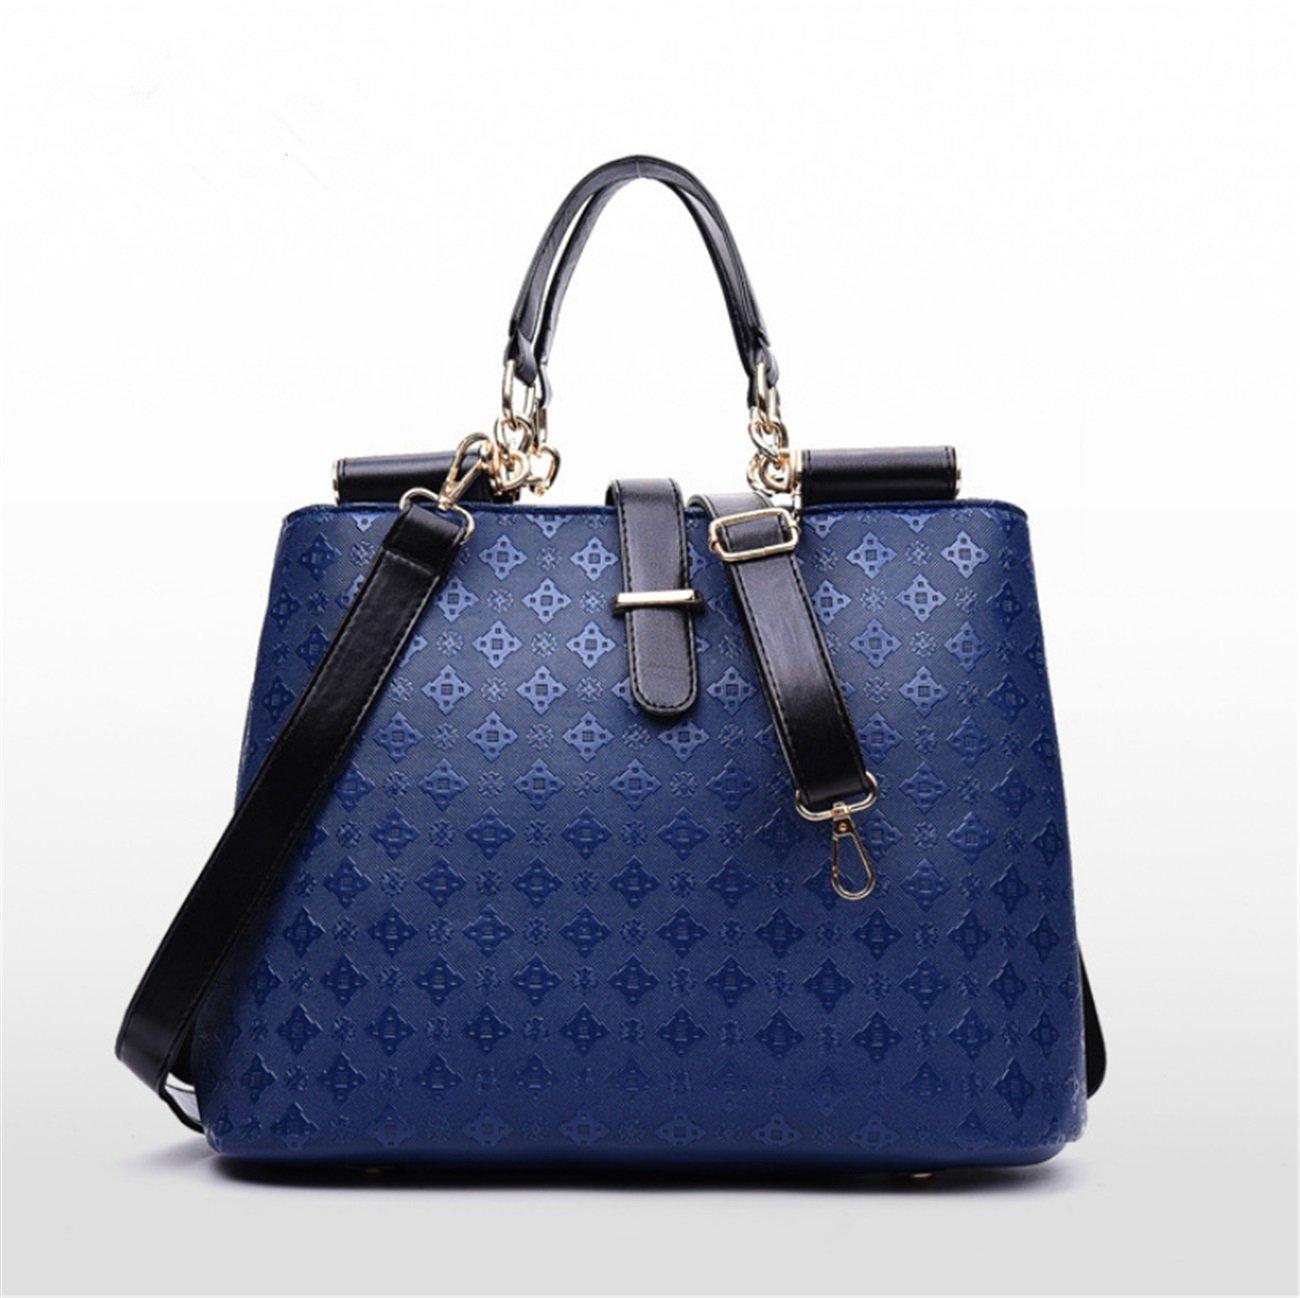 AIBOOY Frauen Schulter Handtasche Elegantes Design Top Handle Fashion Handtaschen Handtaschen Handtaschen damen Fashion B07H6DP4RD Schultertaschen Wertvolle Boutique 889347